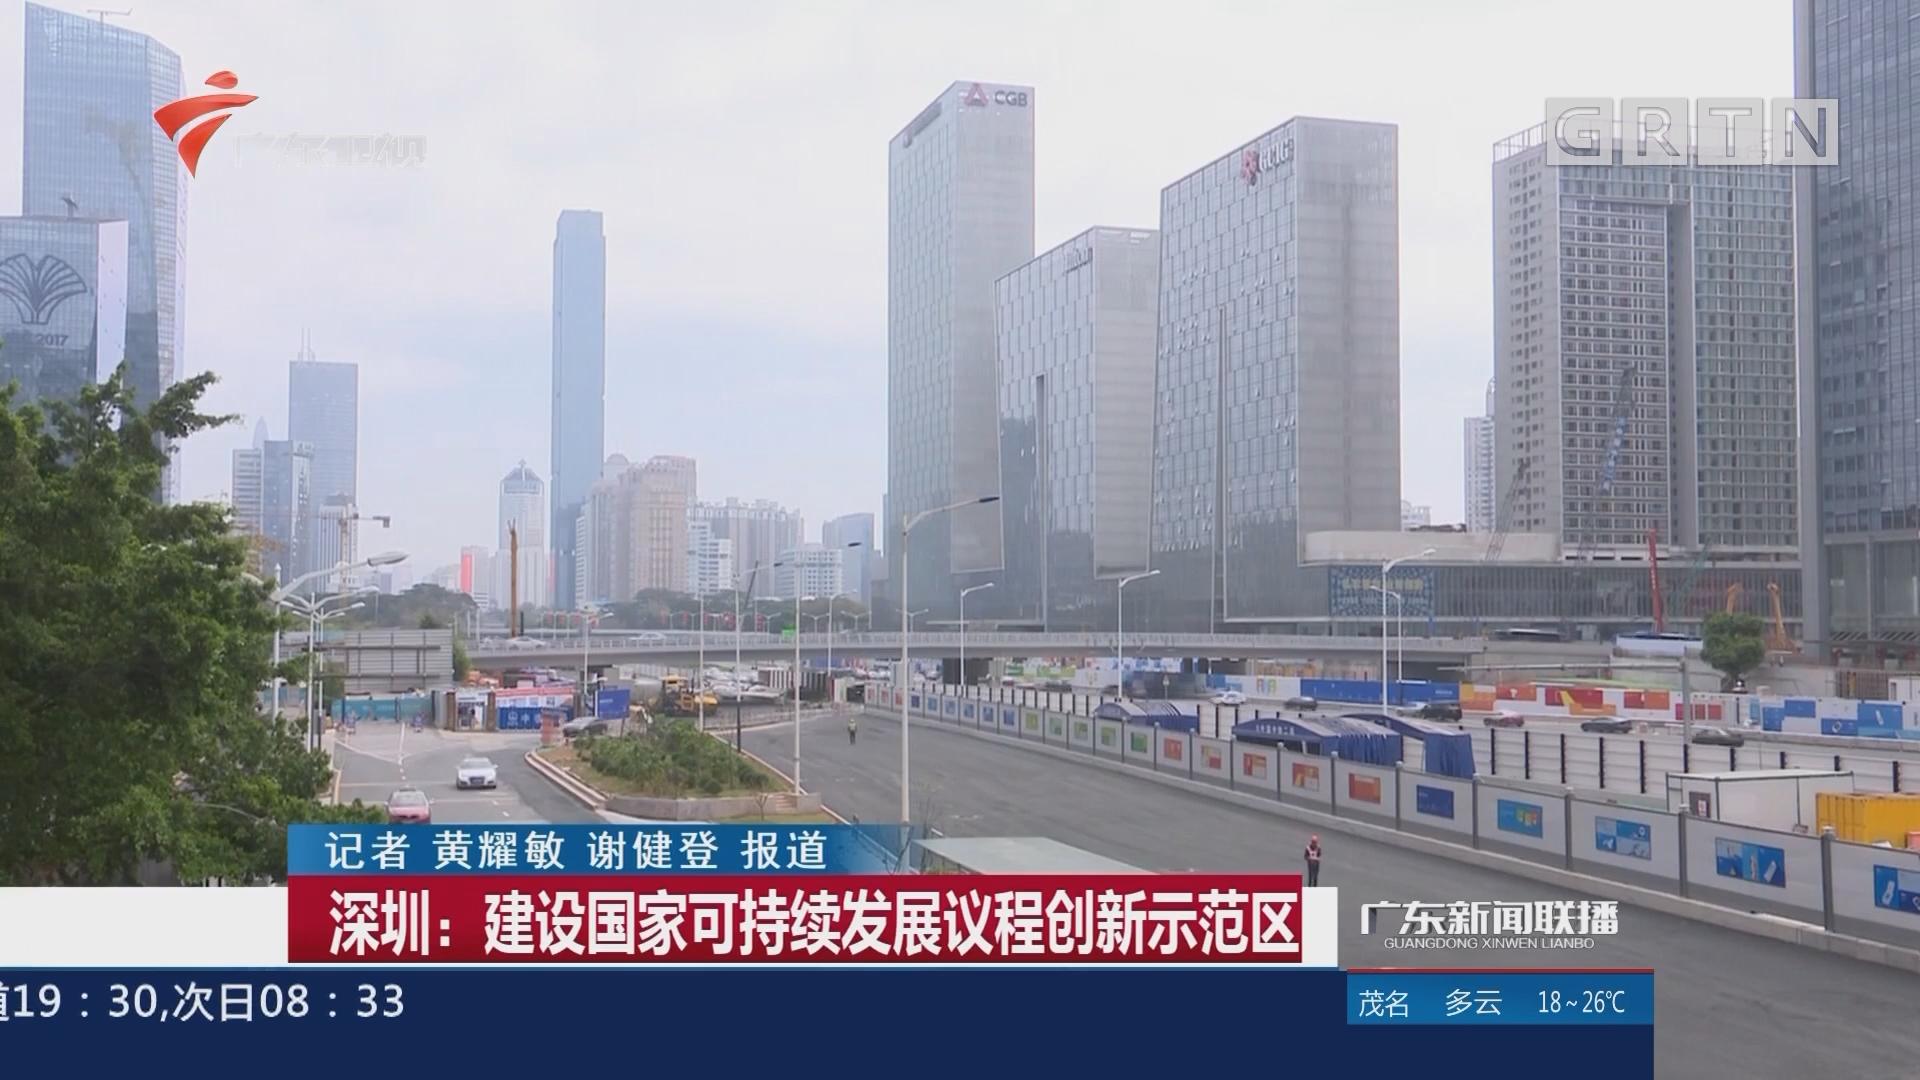 深圳:建设国家可持续发展议程创新示范区